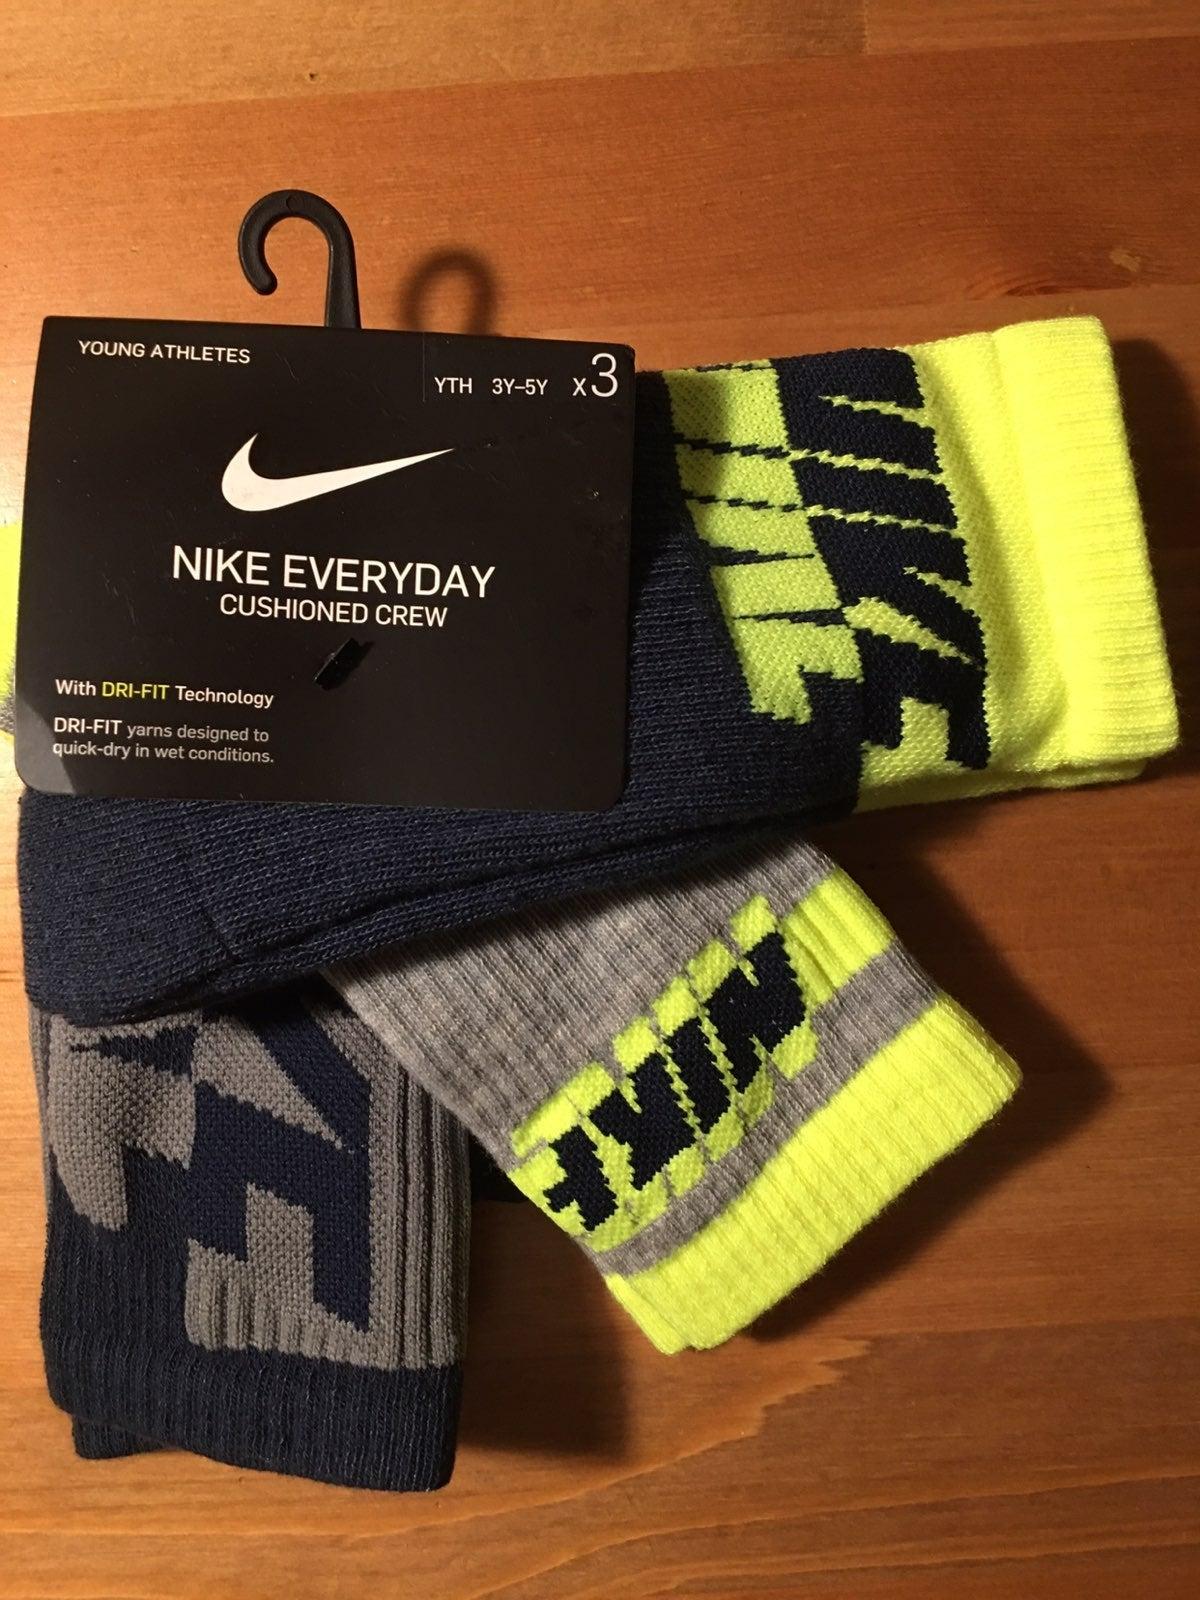 NIKE Everyday kids 3Y-5Y (3 pairs)